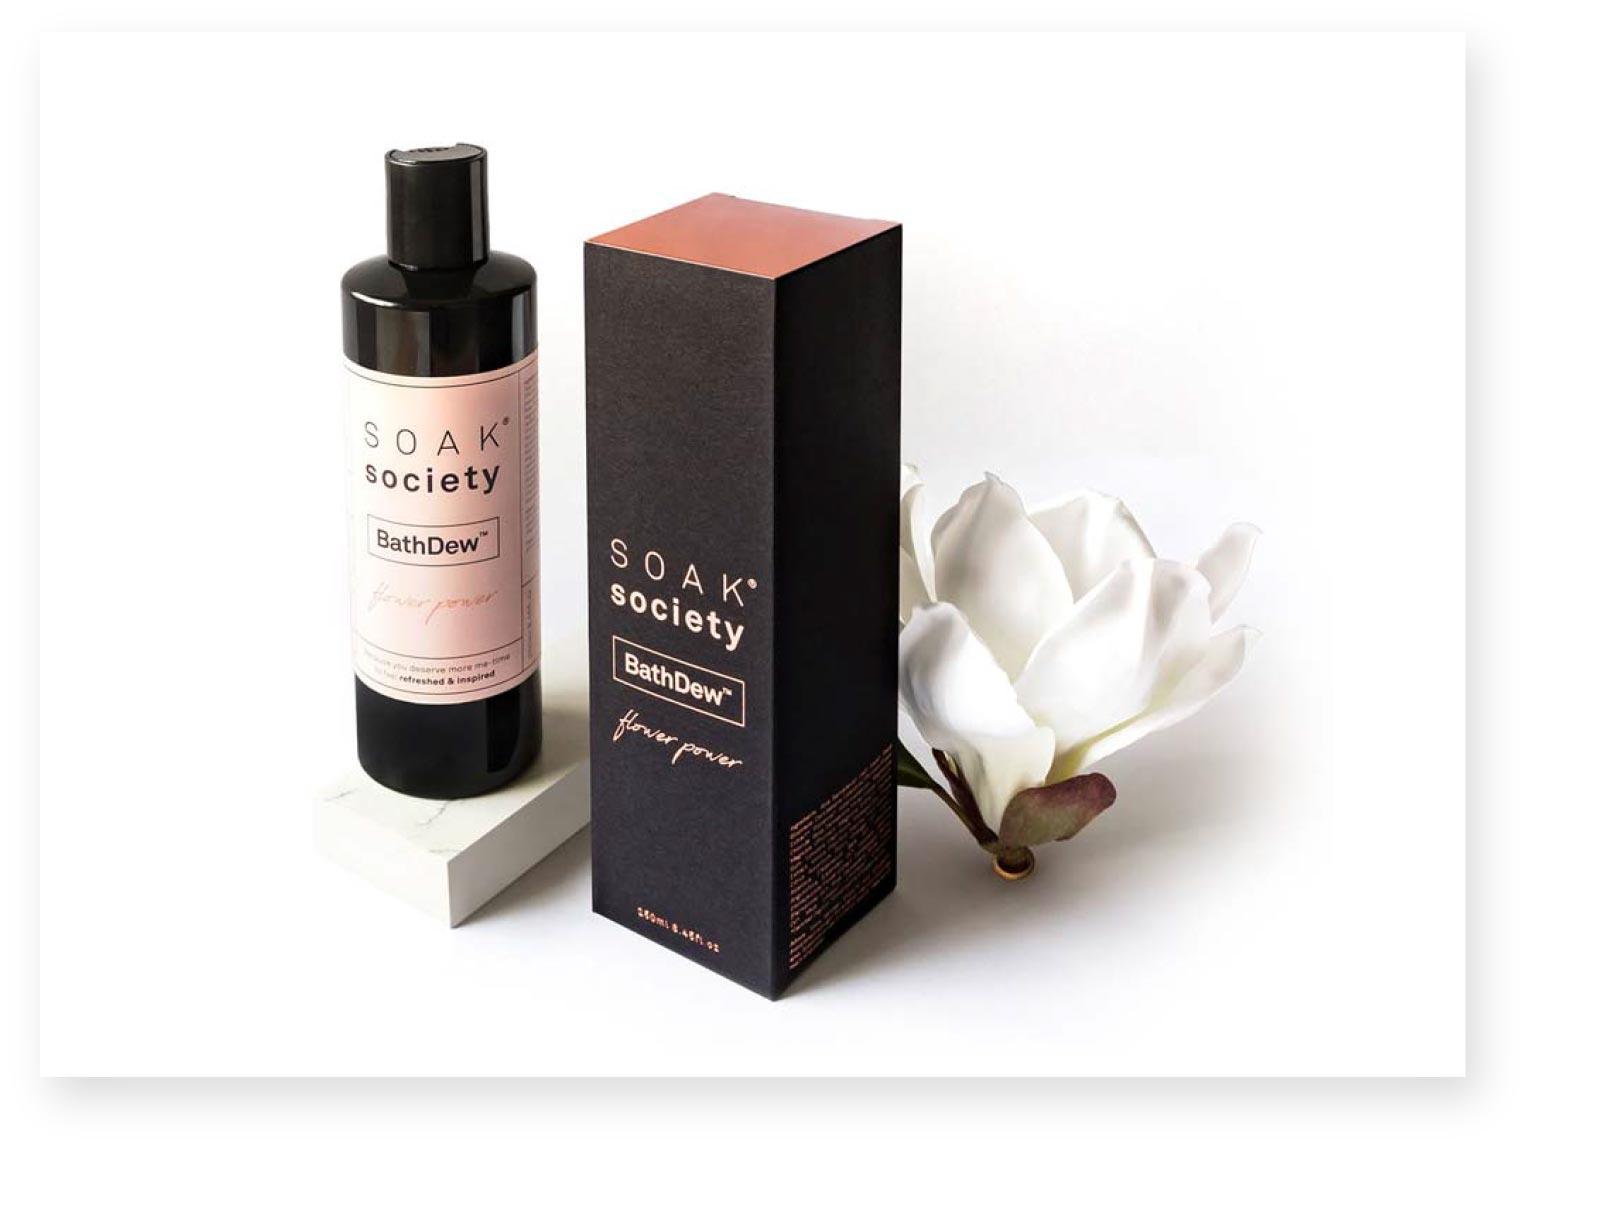 Soak Society Luxury packaging designer